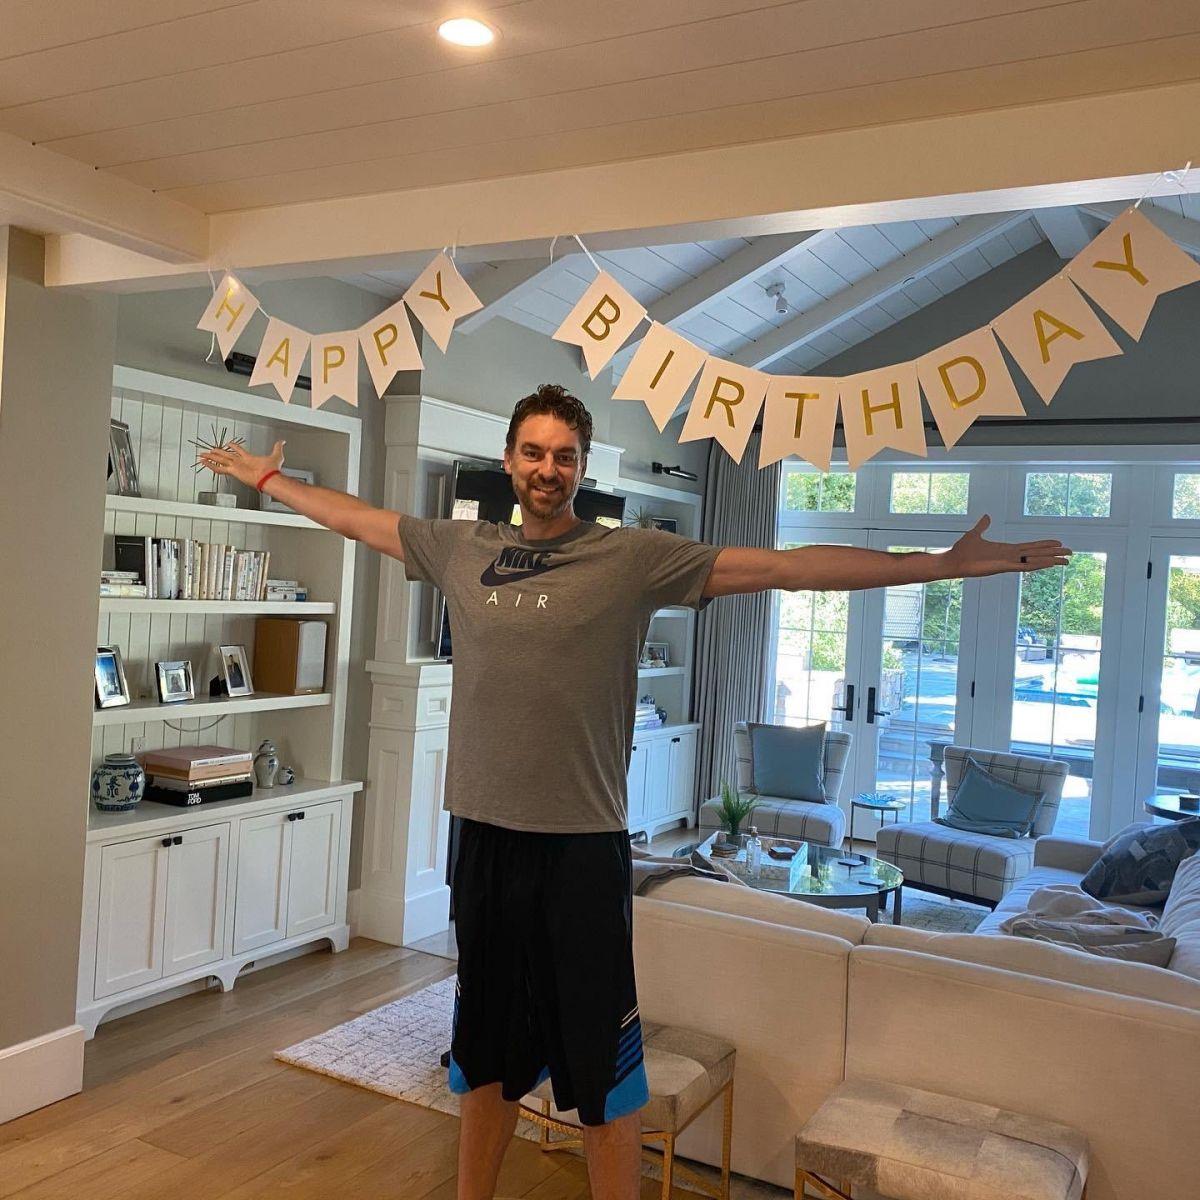 加索尔发推:昨天是我的40岁生日,真是不可思议